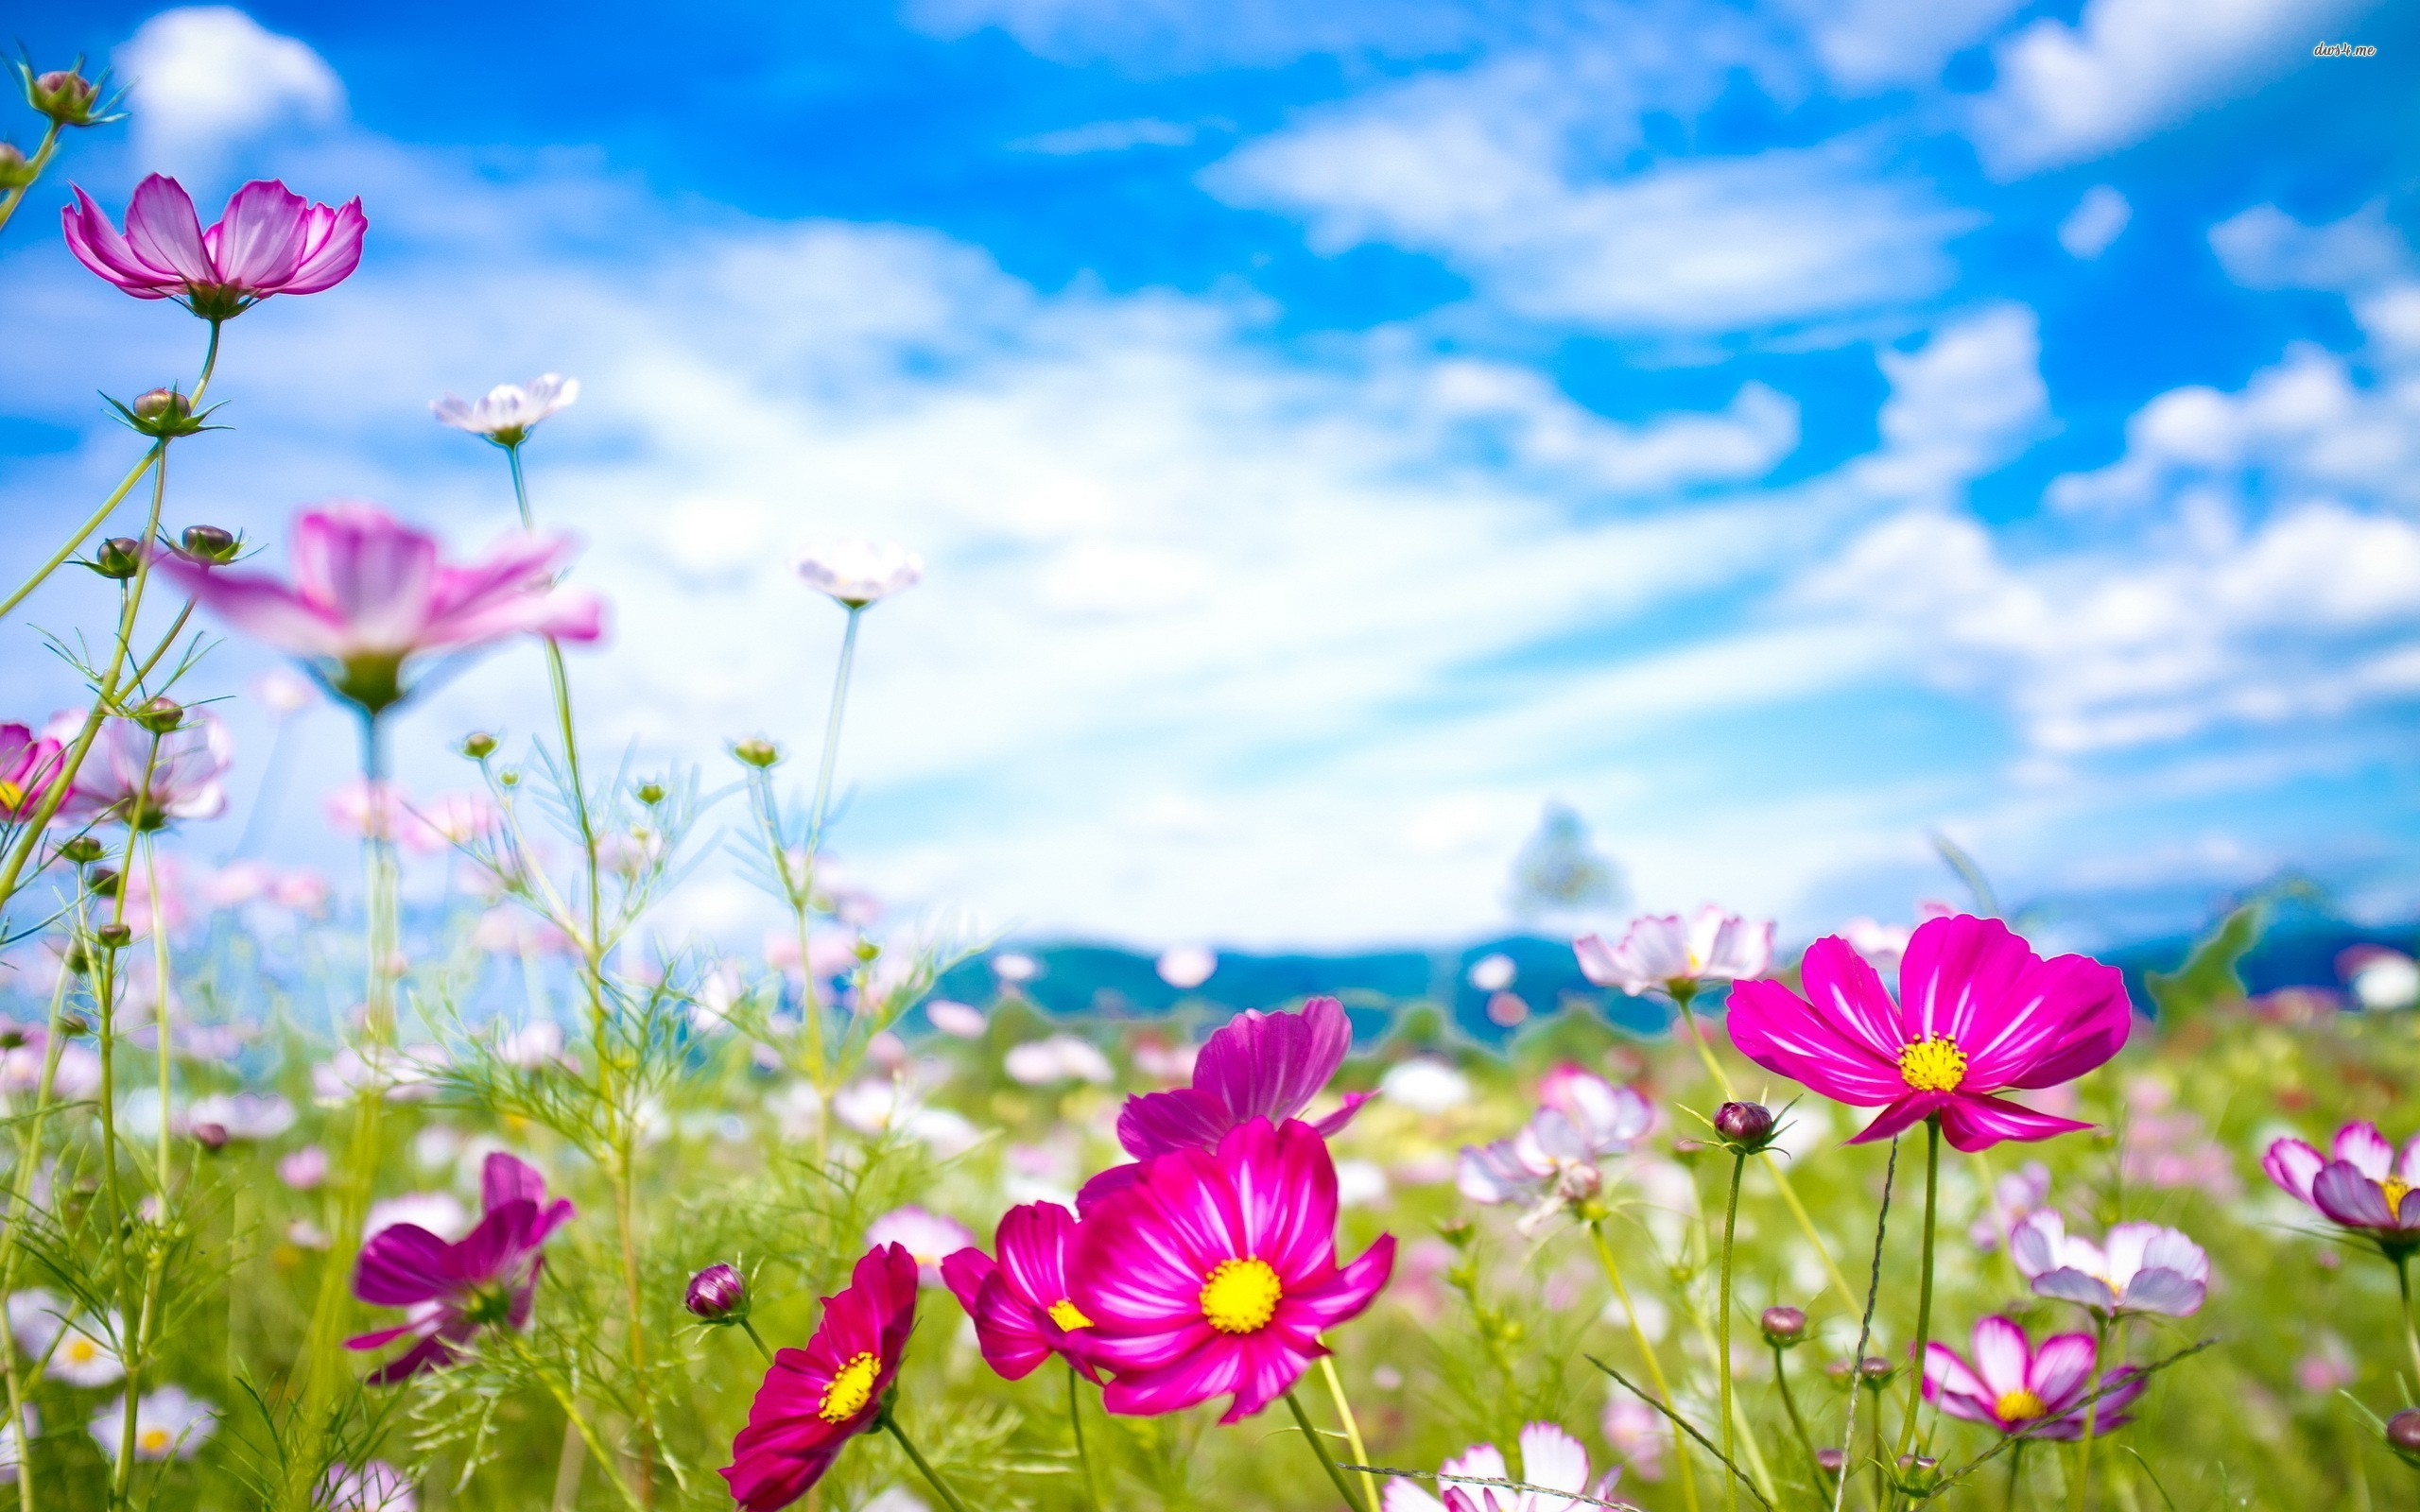 Summer Road HD Wallpaper Nature Download 4537 Wallpaper 2560x1600